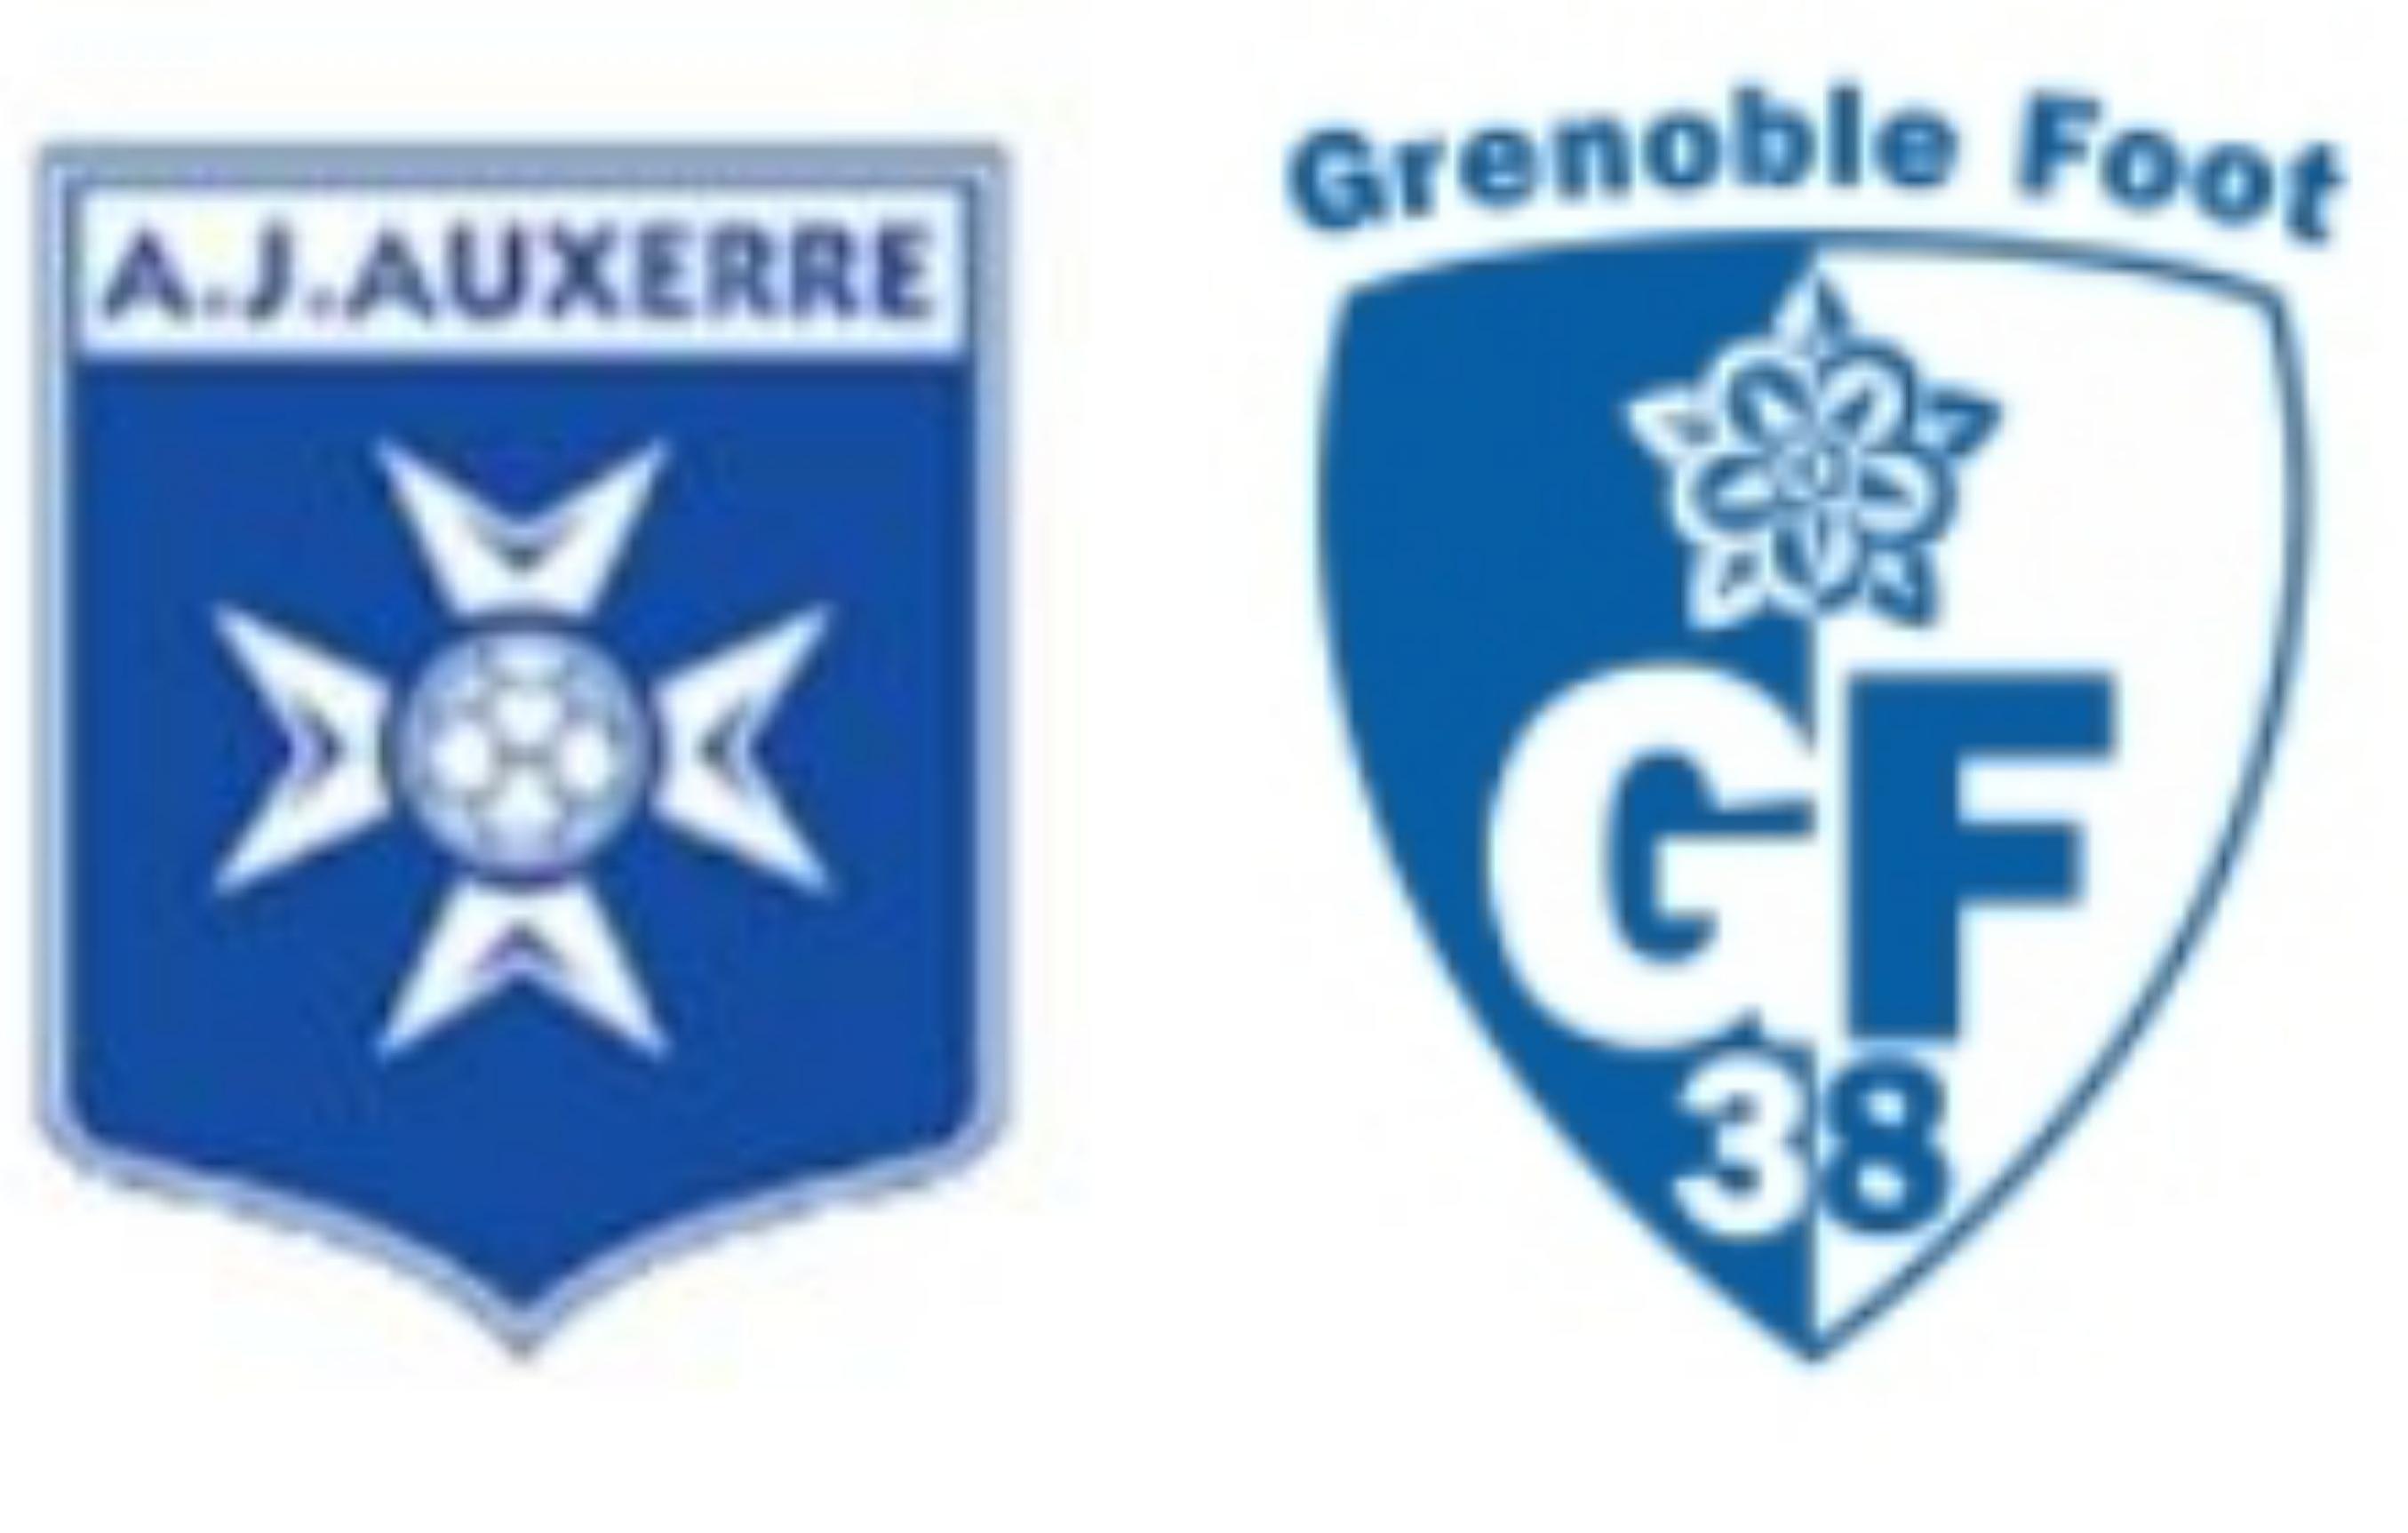 [Sous déguisements] Entrée Gratuite pour le Match Auxerre - Grenoble le 25 Octobre 2019